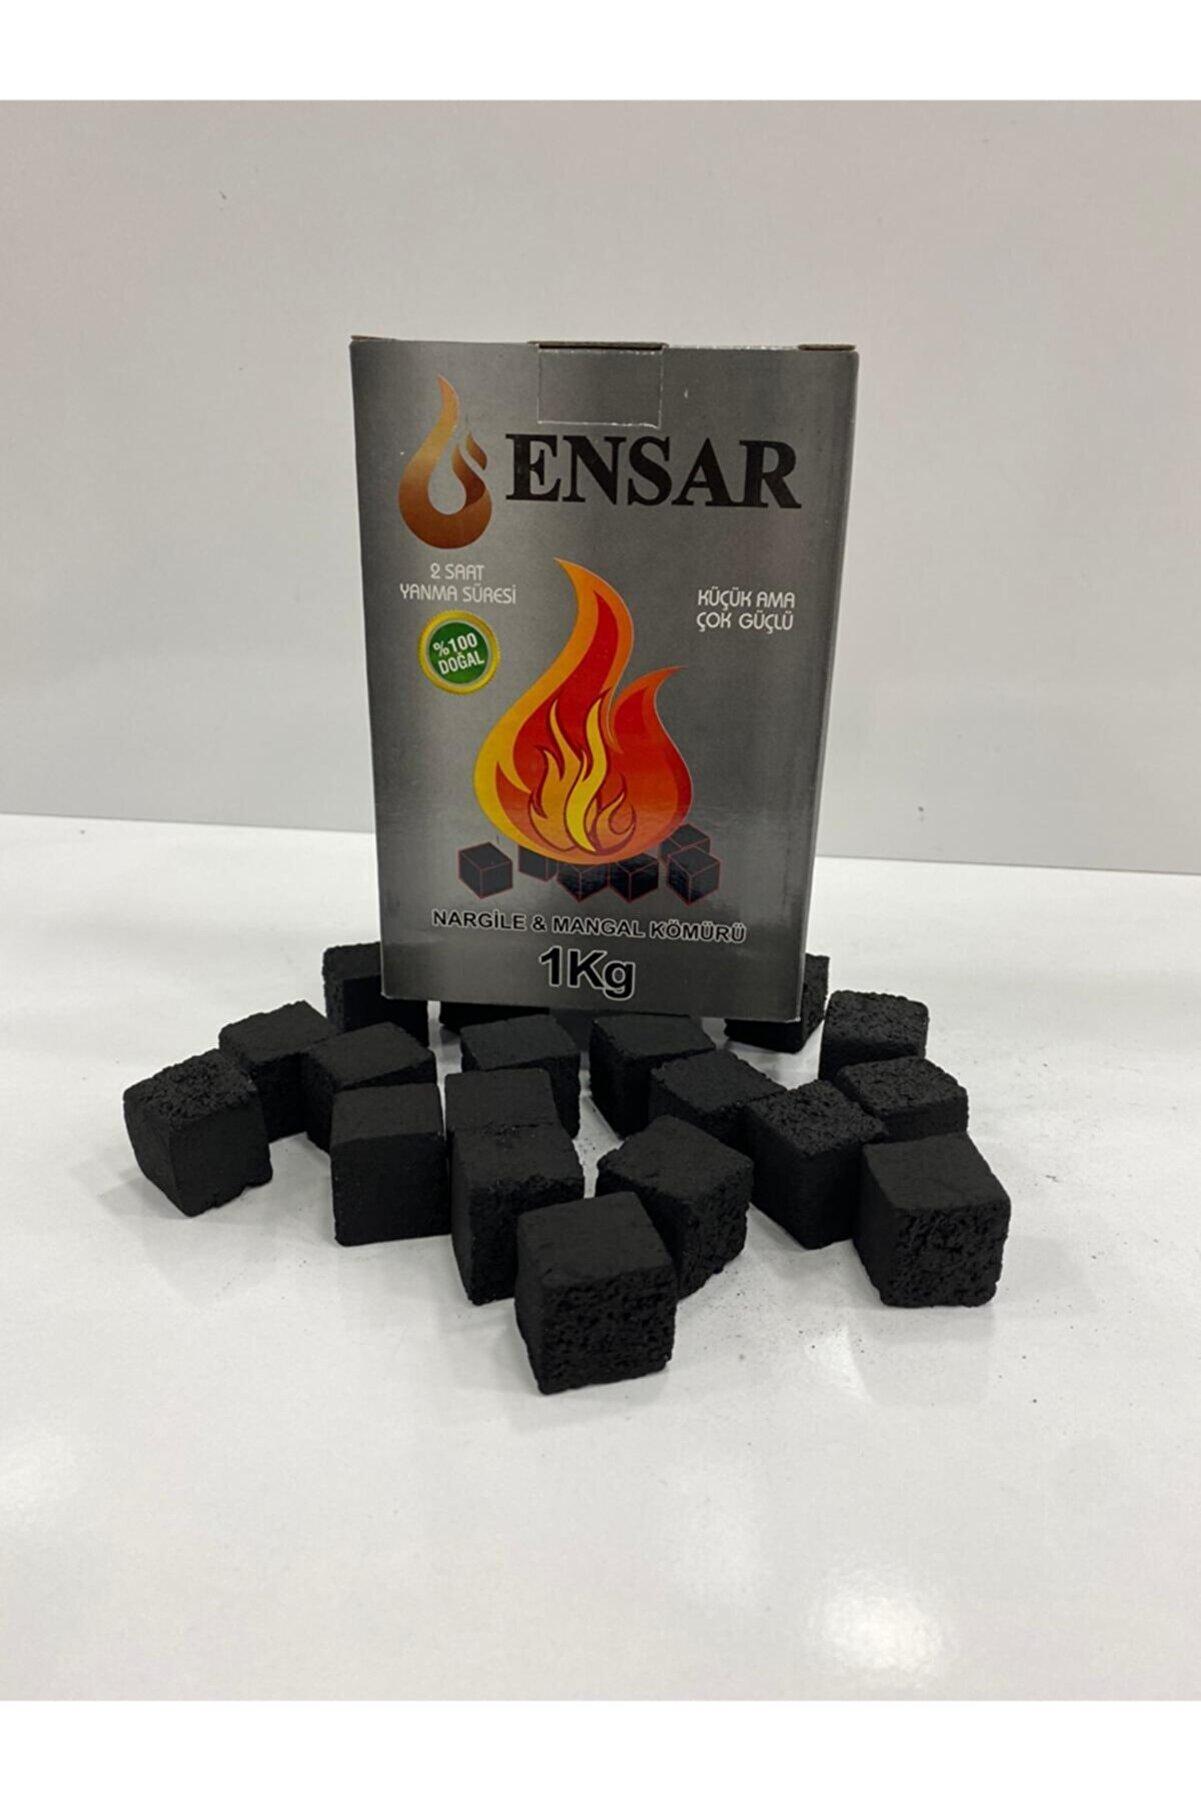 ENSAR NARGİLE Kömürü